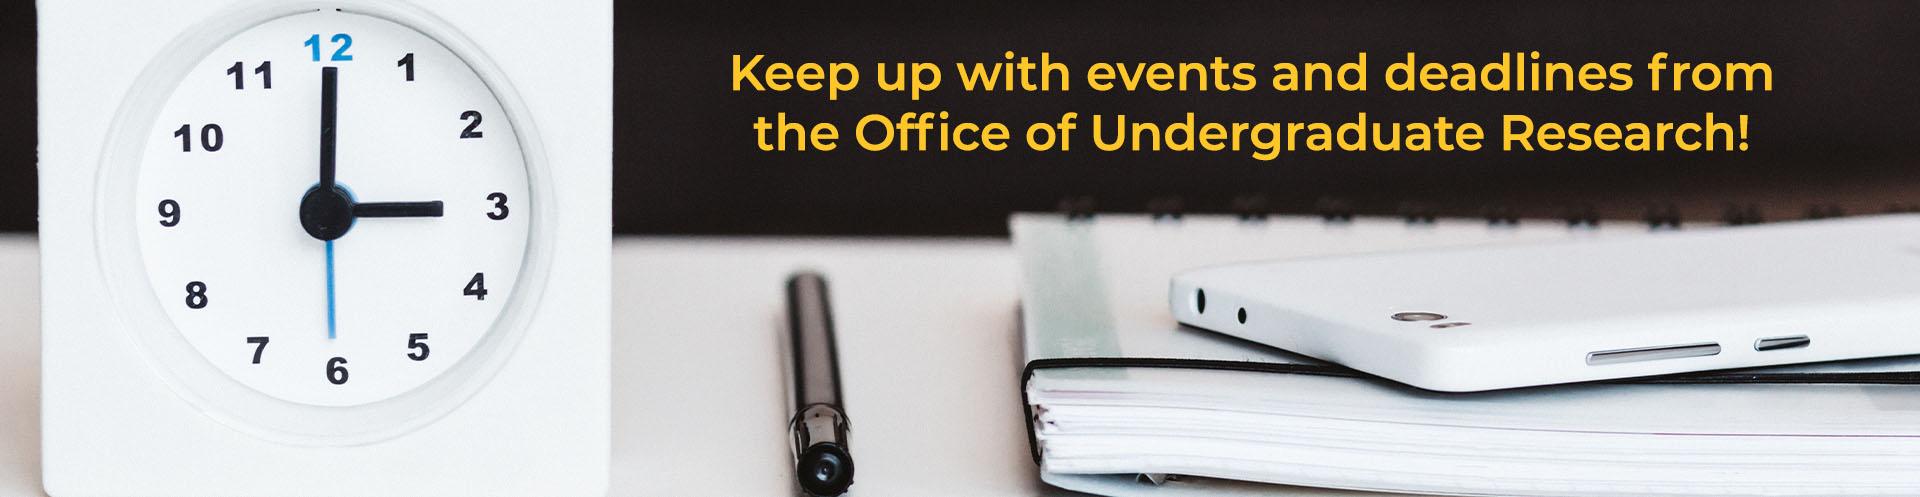 2020 2021 Calendar   Office of Undergraduate Research